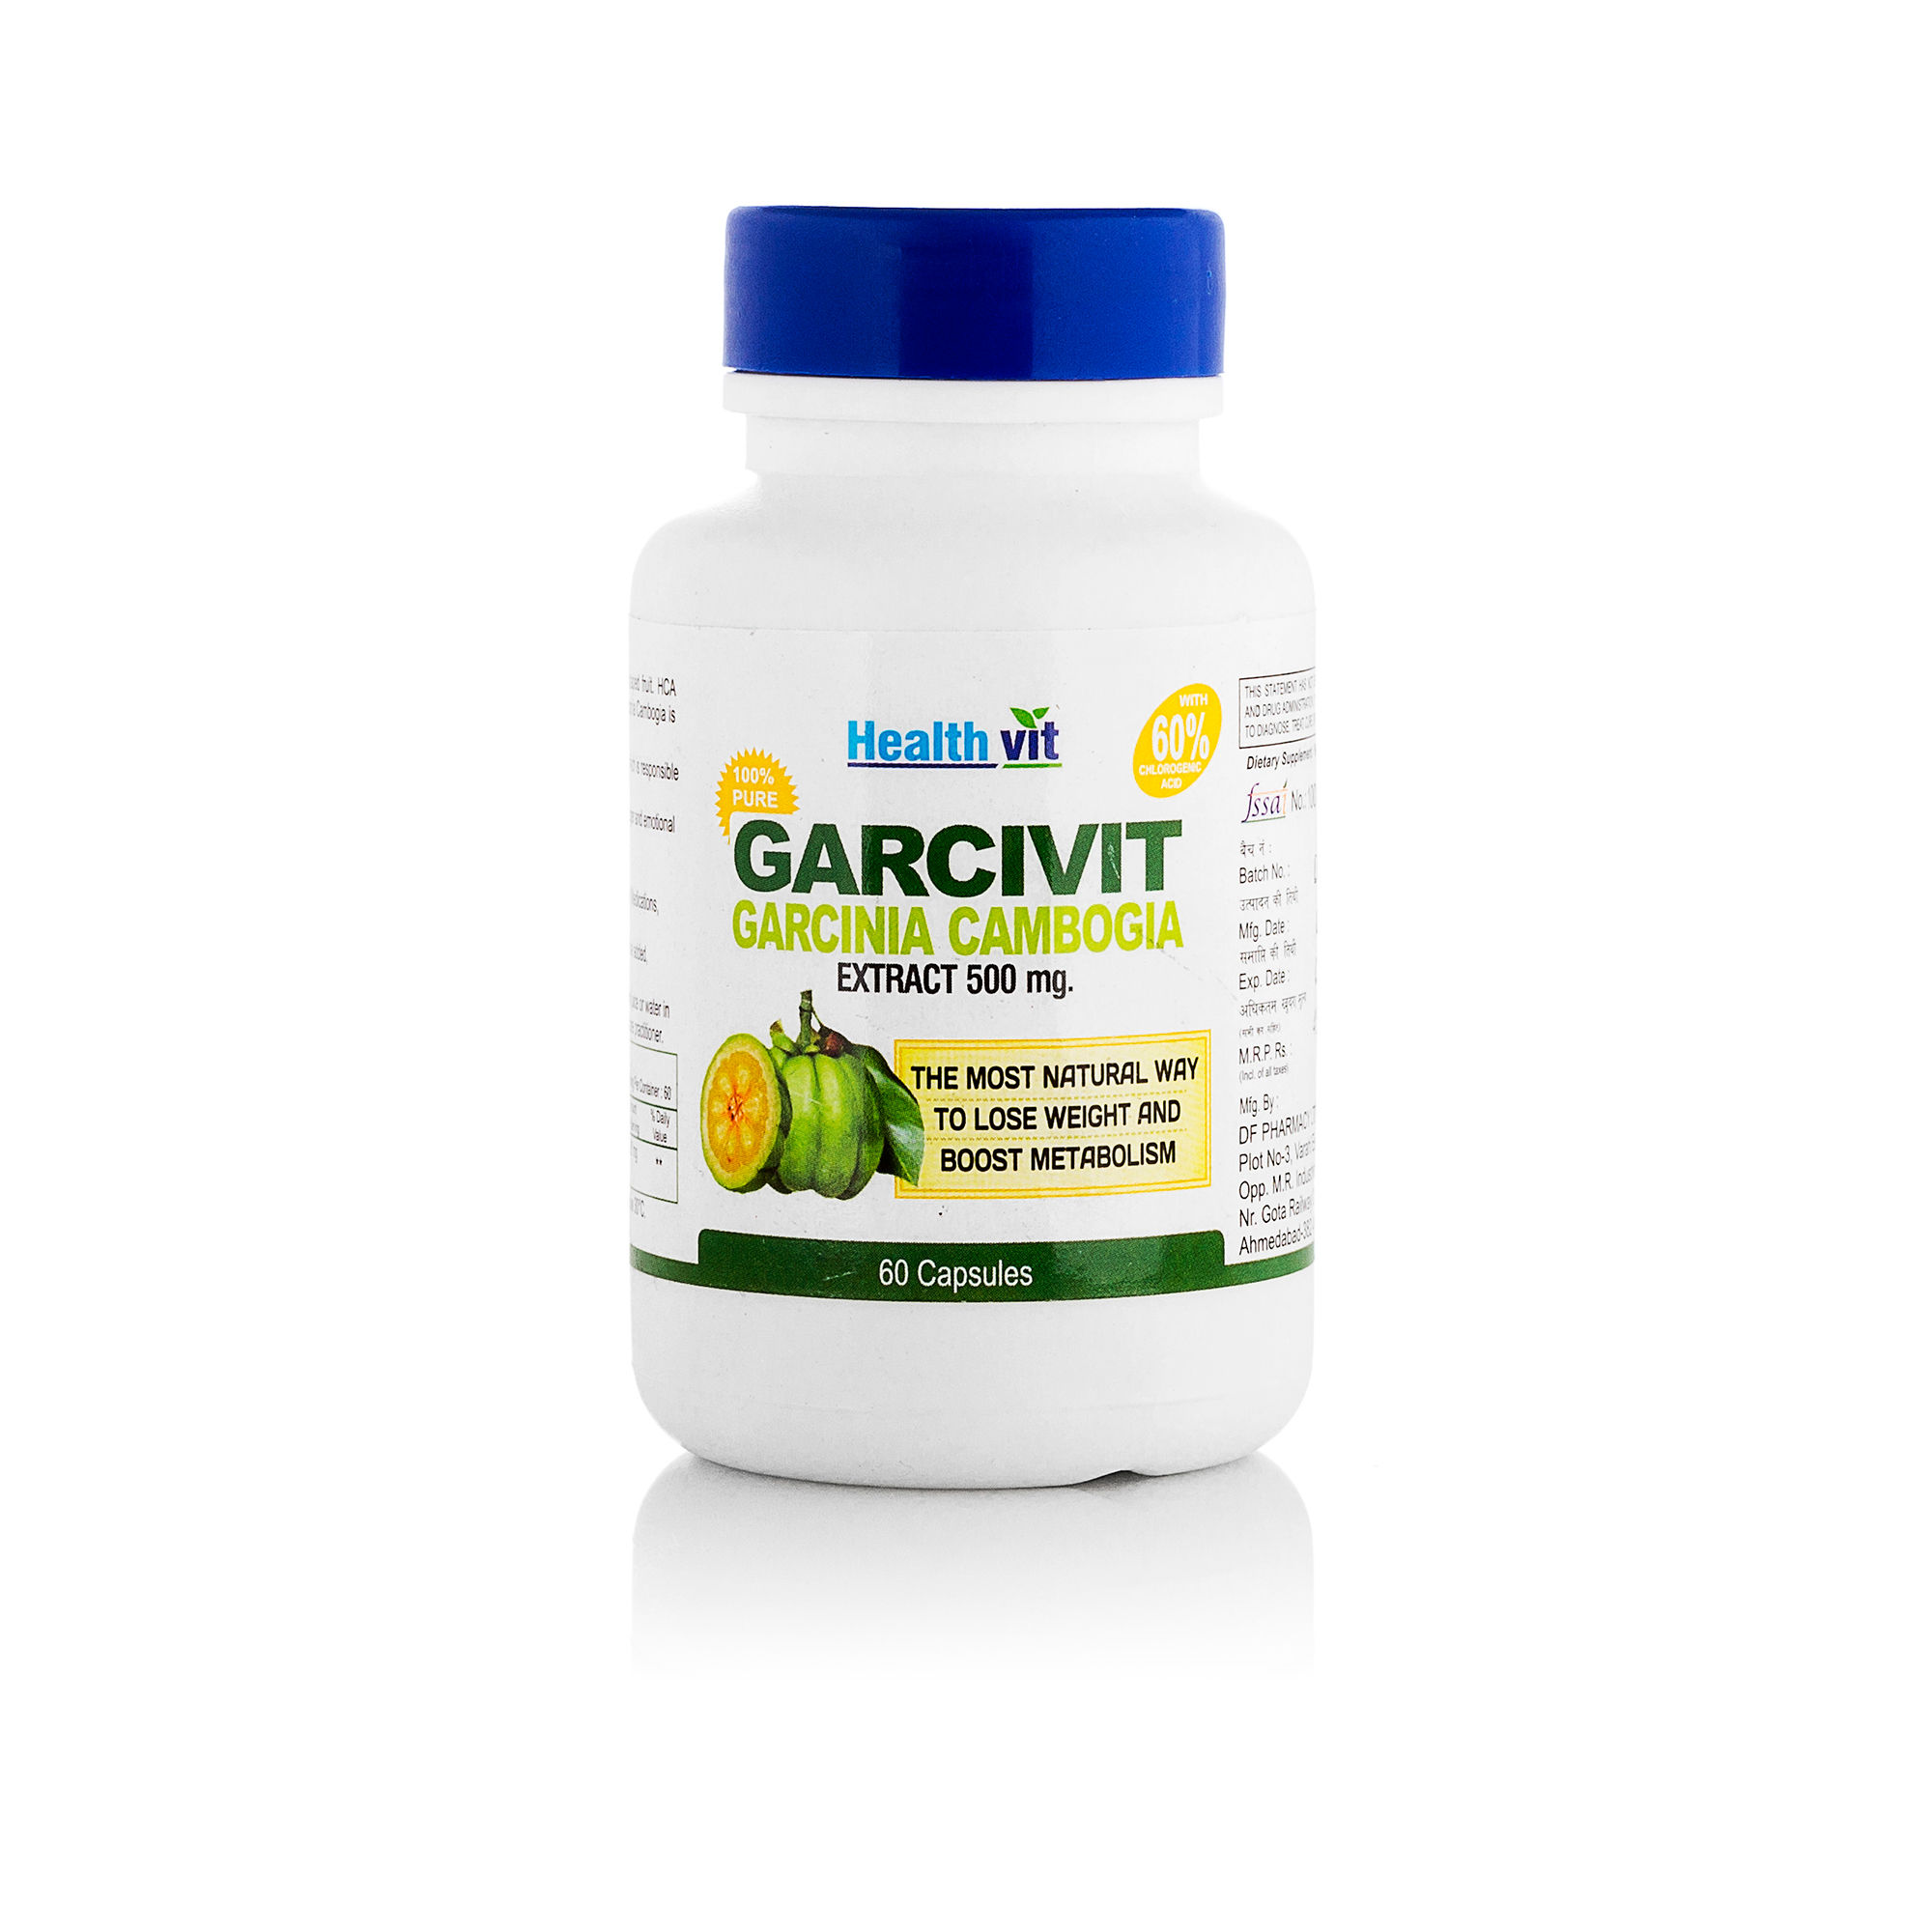 Healthvit Garcivit Garcinia Cambogia, 60 Capsules